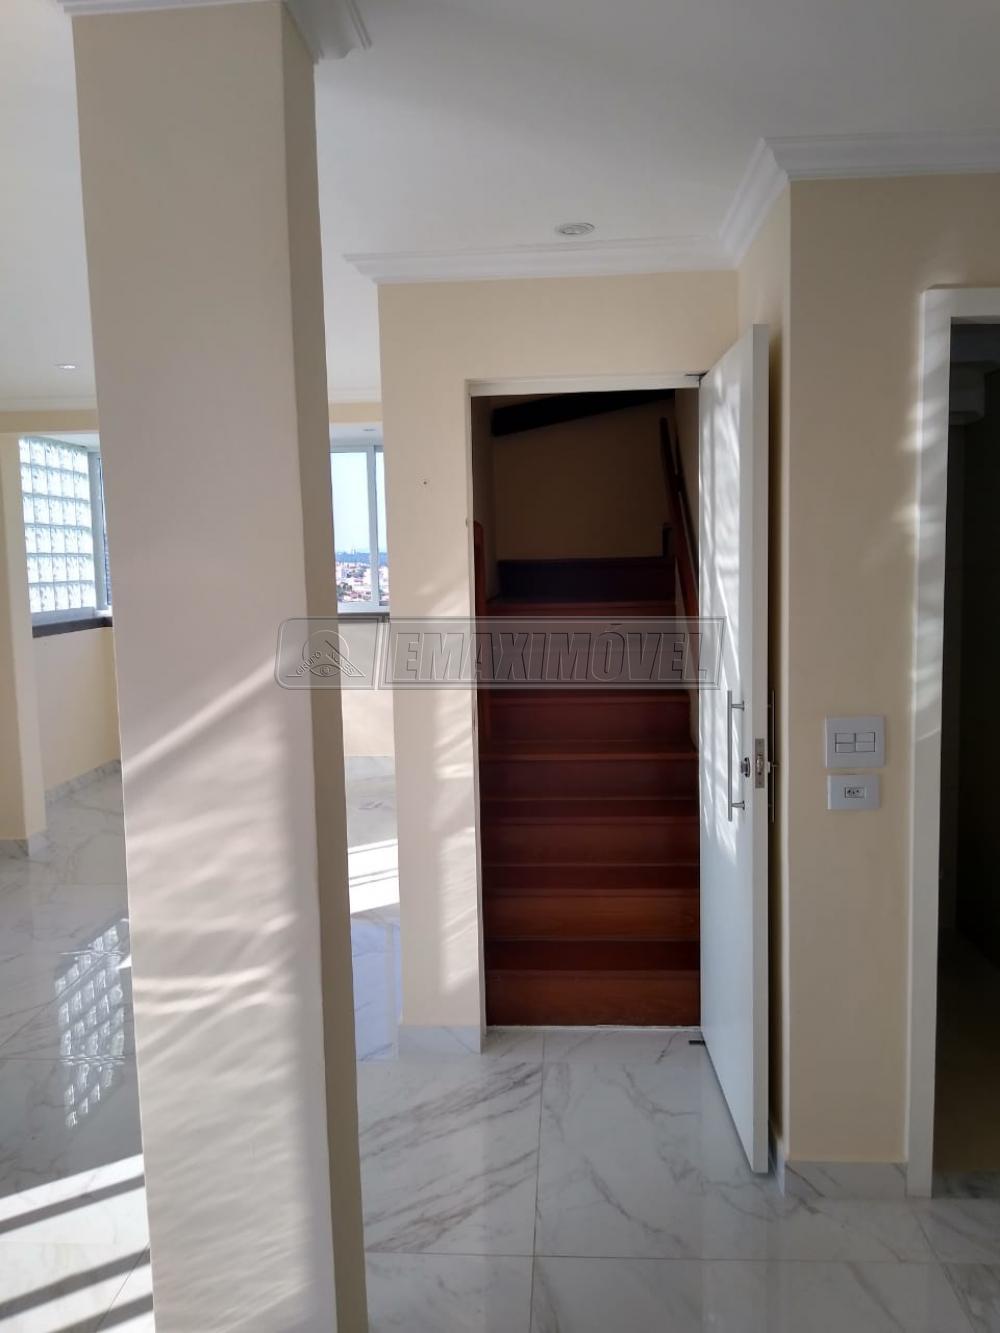 Comprar Apartamento / Padrão em Sorocaba R$ 1.166.000,00 - Foto 10